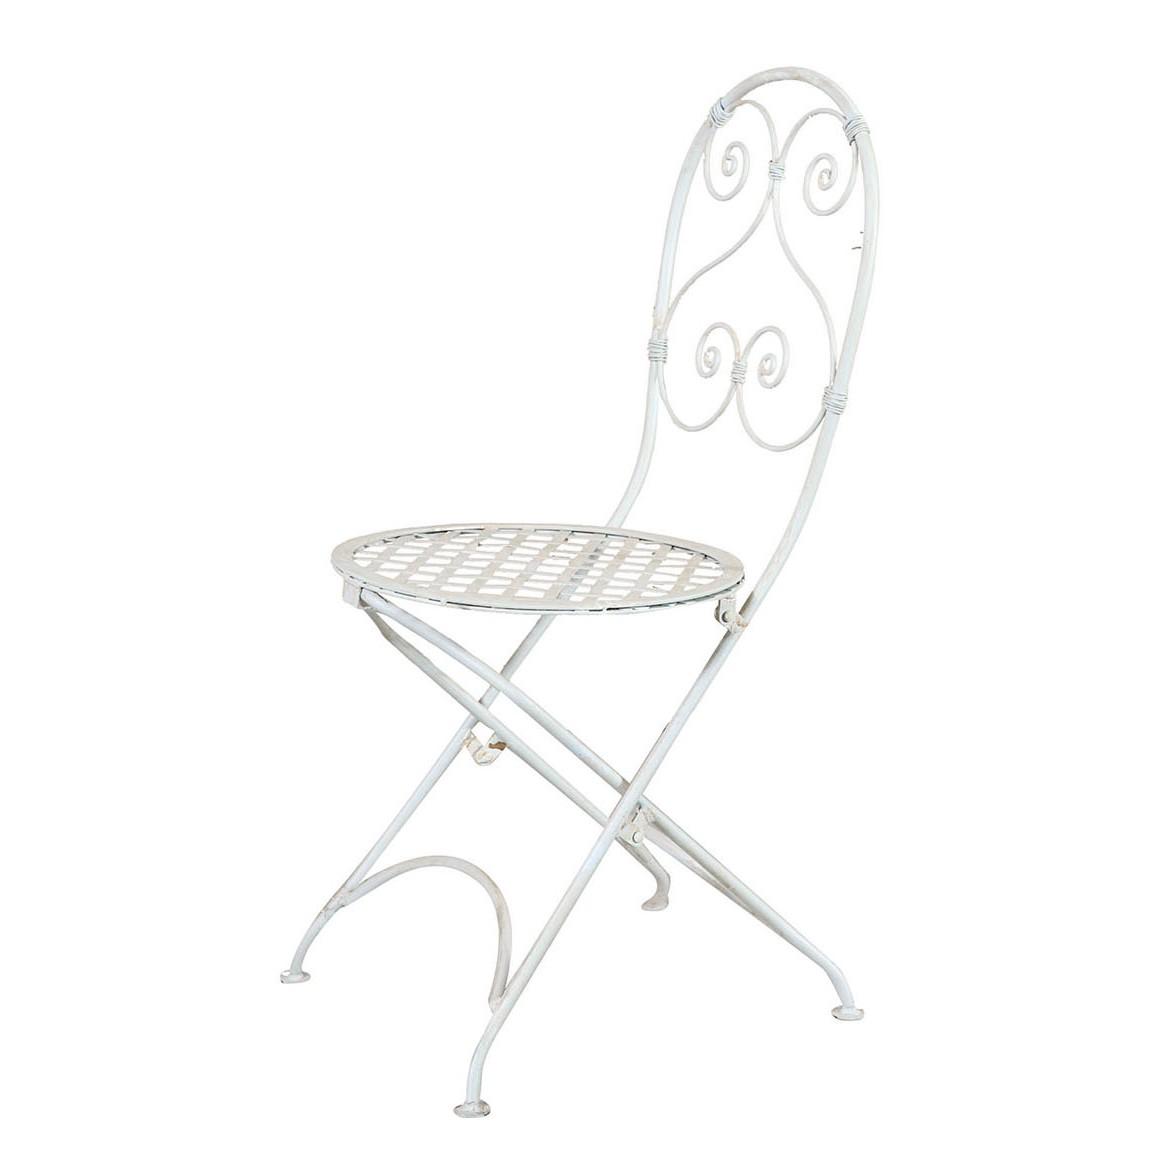 Gartenstuhl Paisley II - Eisen - Weiß, Luissant